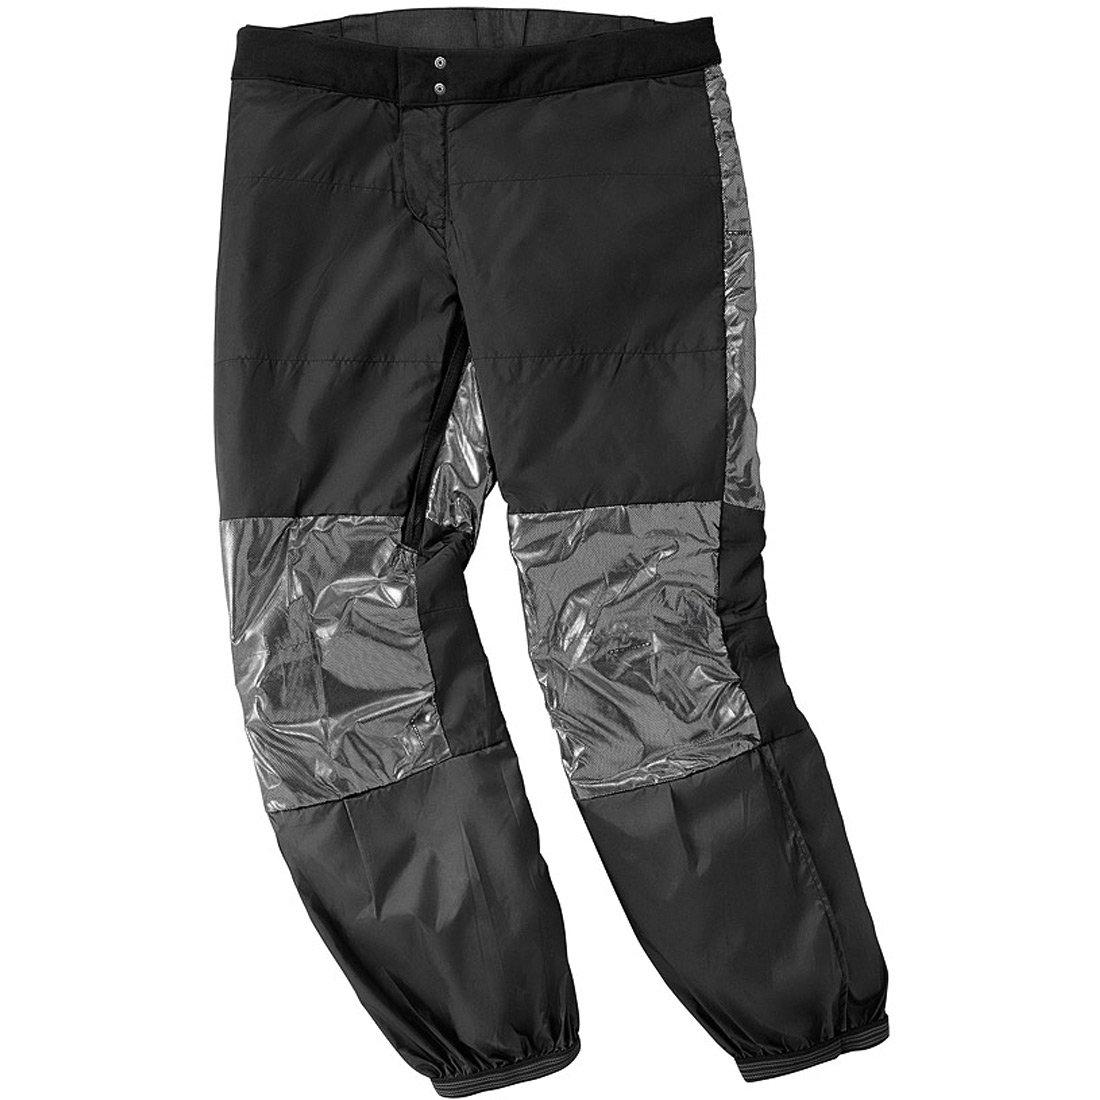 מכנסי סקי וסנובורד לגברים - Cushman Crest Pant - Columbia